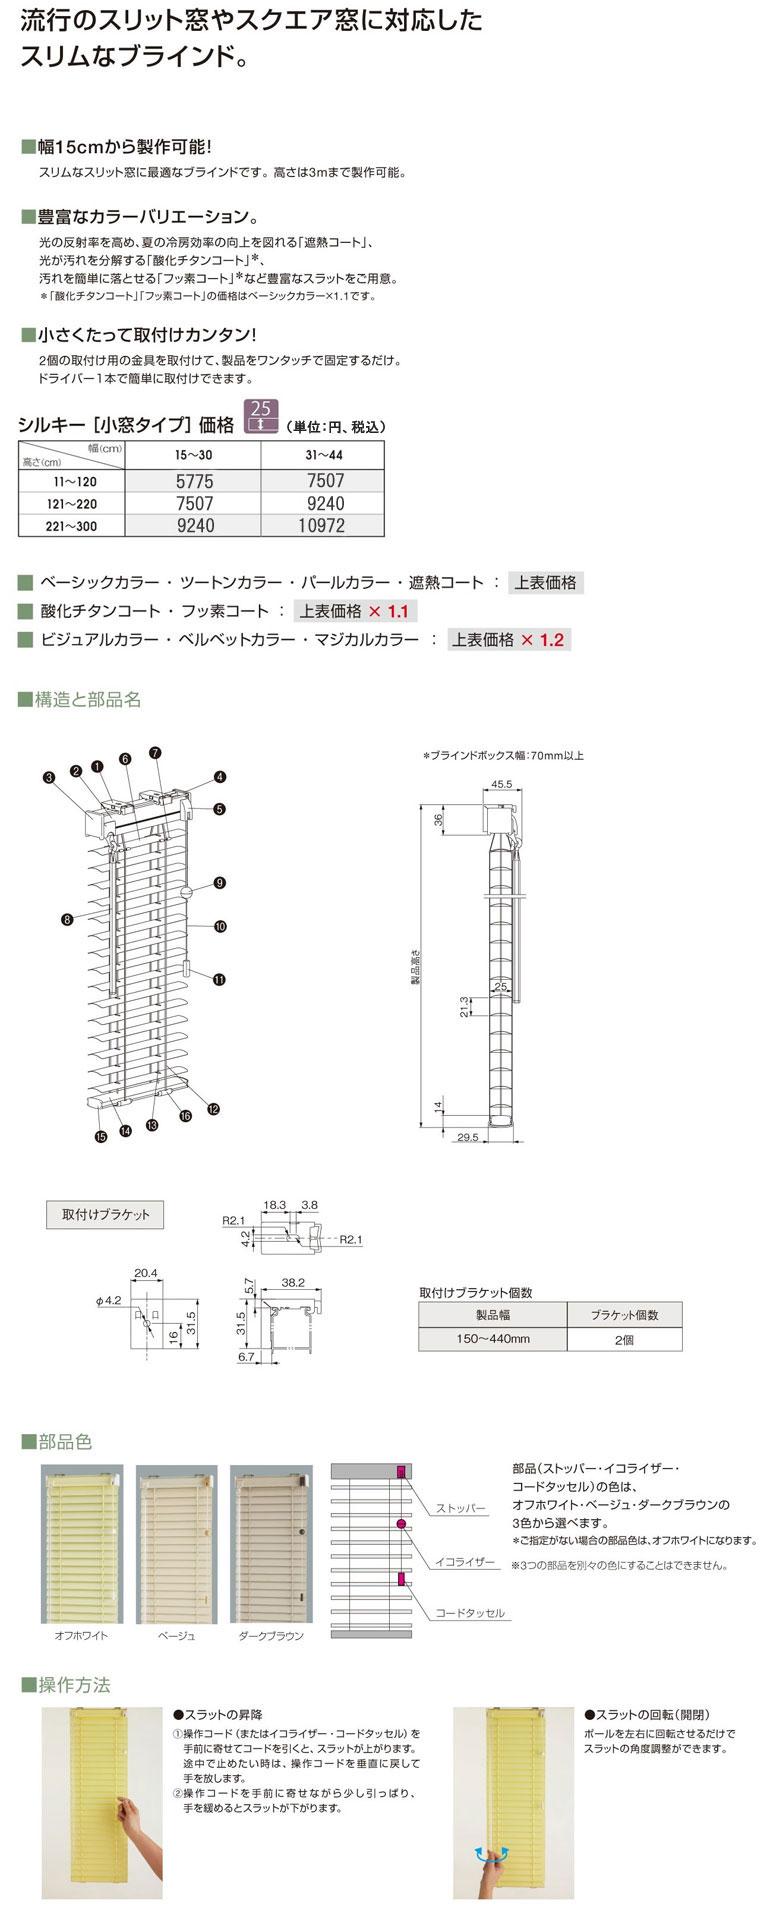 タチカワ・ブラインド「シルキー小窓タイプ」詳細